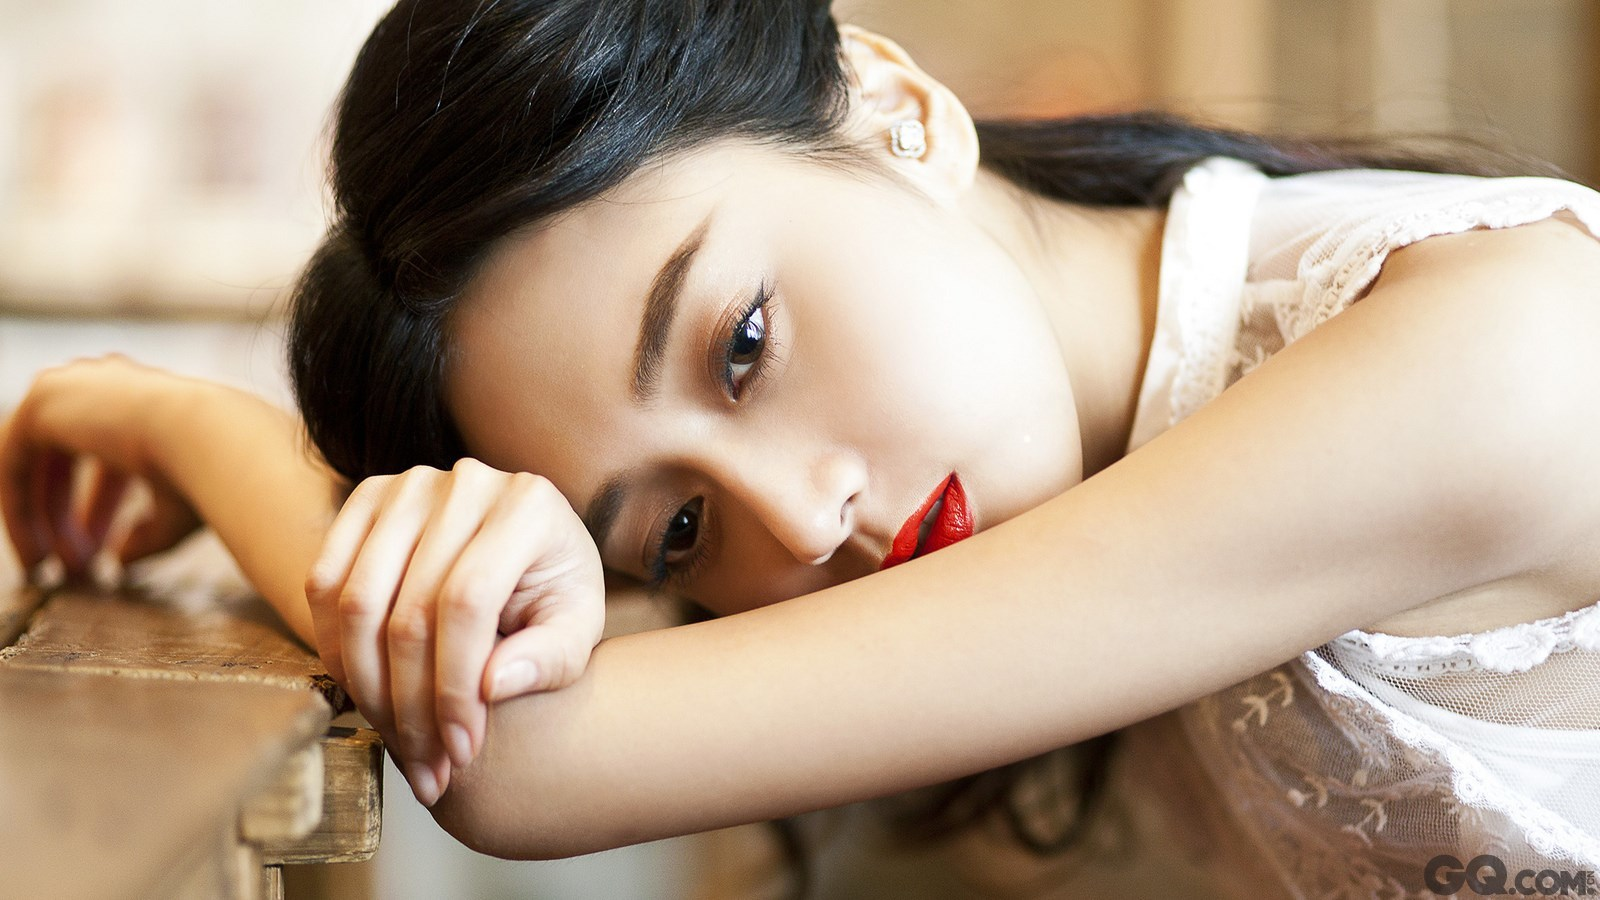 《一不小心爱上你》一开播,在剧中饰演蓝米粒的潘之琳就被细心的观众发现,她正是当年在由苏有朋、赵薇主演的《老房有喜》中饰演小海燕的小童星。当年的小童星如今正在北京电影学院表演系就读,虽说女大十八变,不过潘之琳天生的美人胚子还是让很多人一眼就认出。